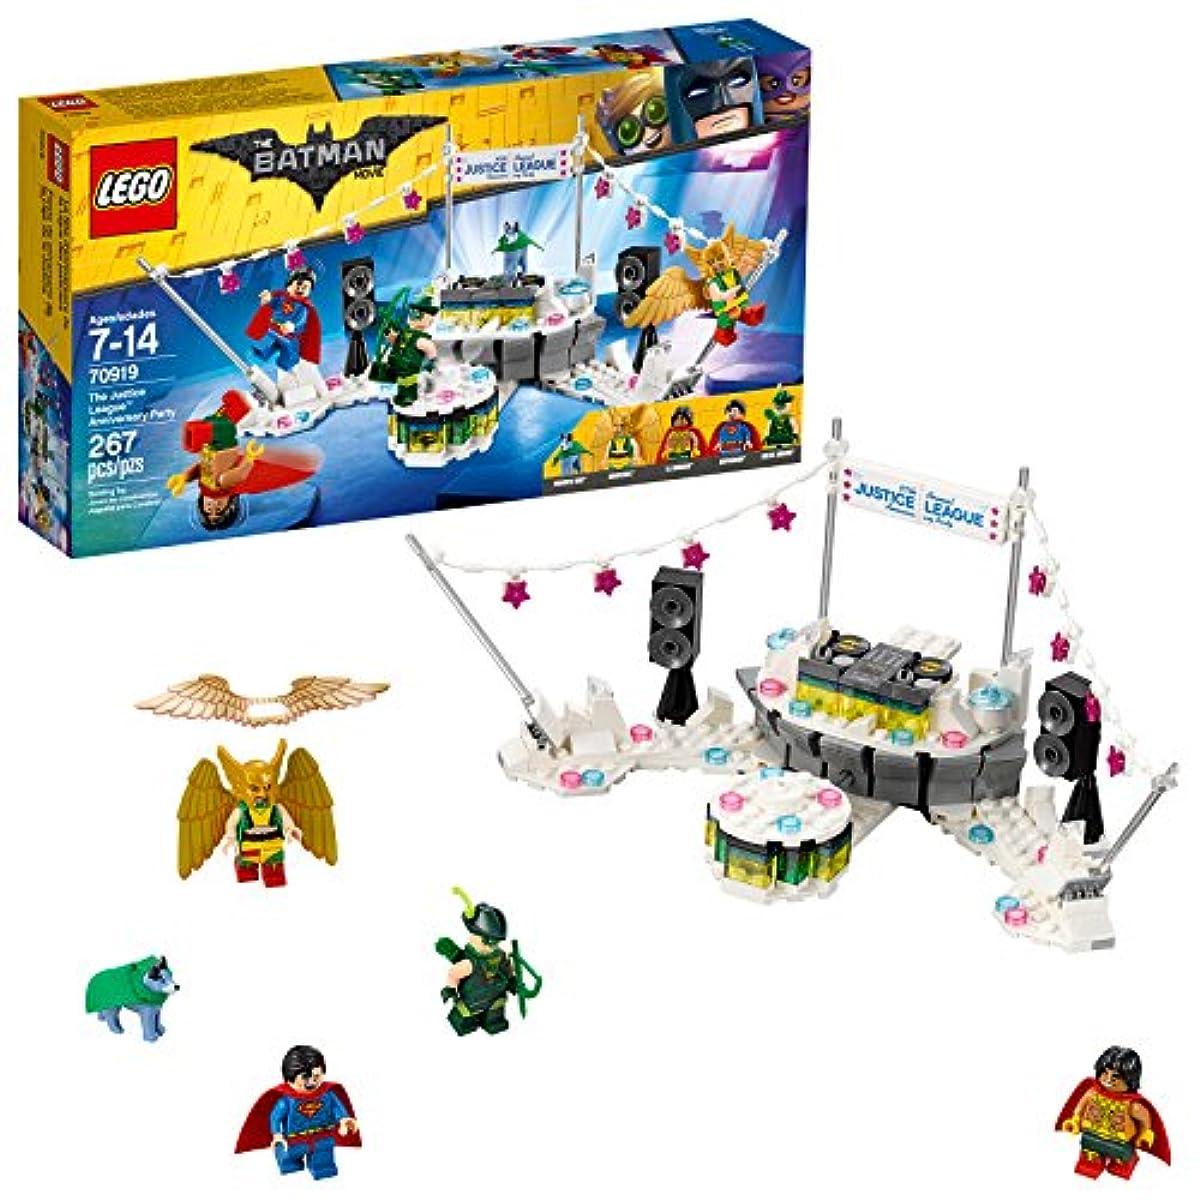 [해외] 레고 배트맨무비 DC 저스티스리그의 기념 파티 70919 조립 키트 (267피스)